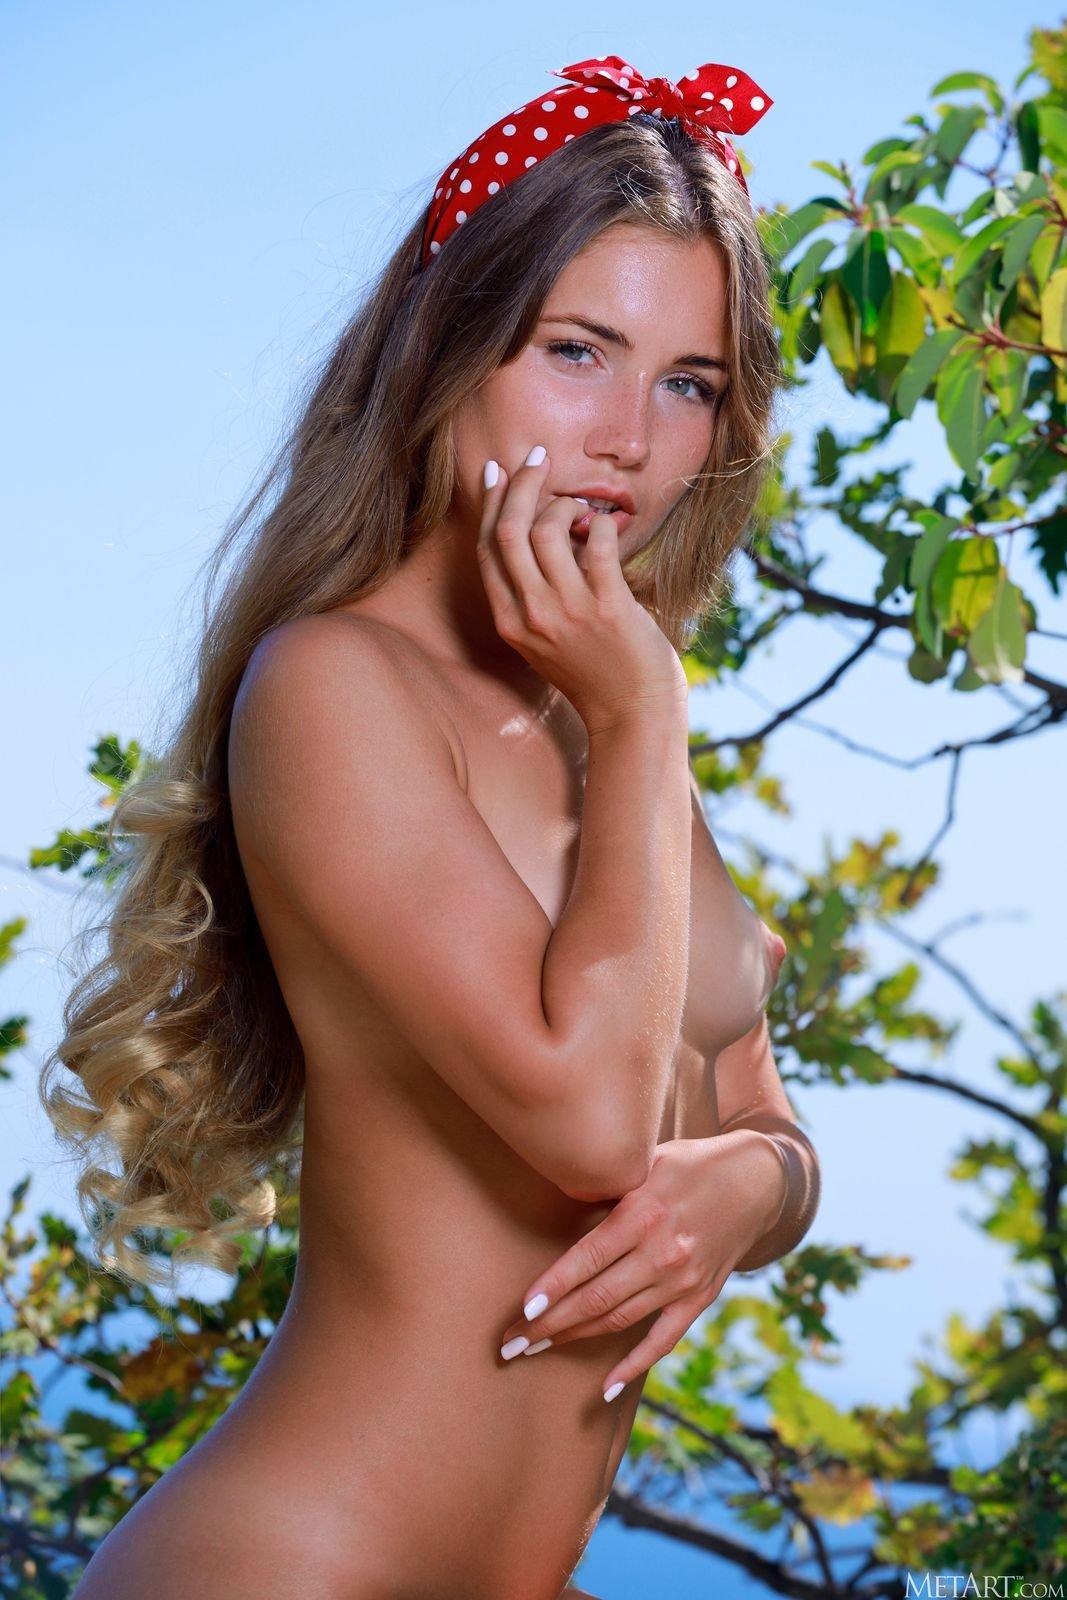 Русая красавица встала раком на природе